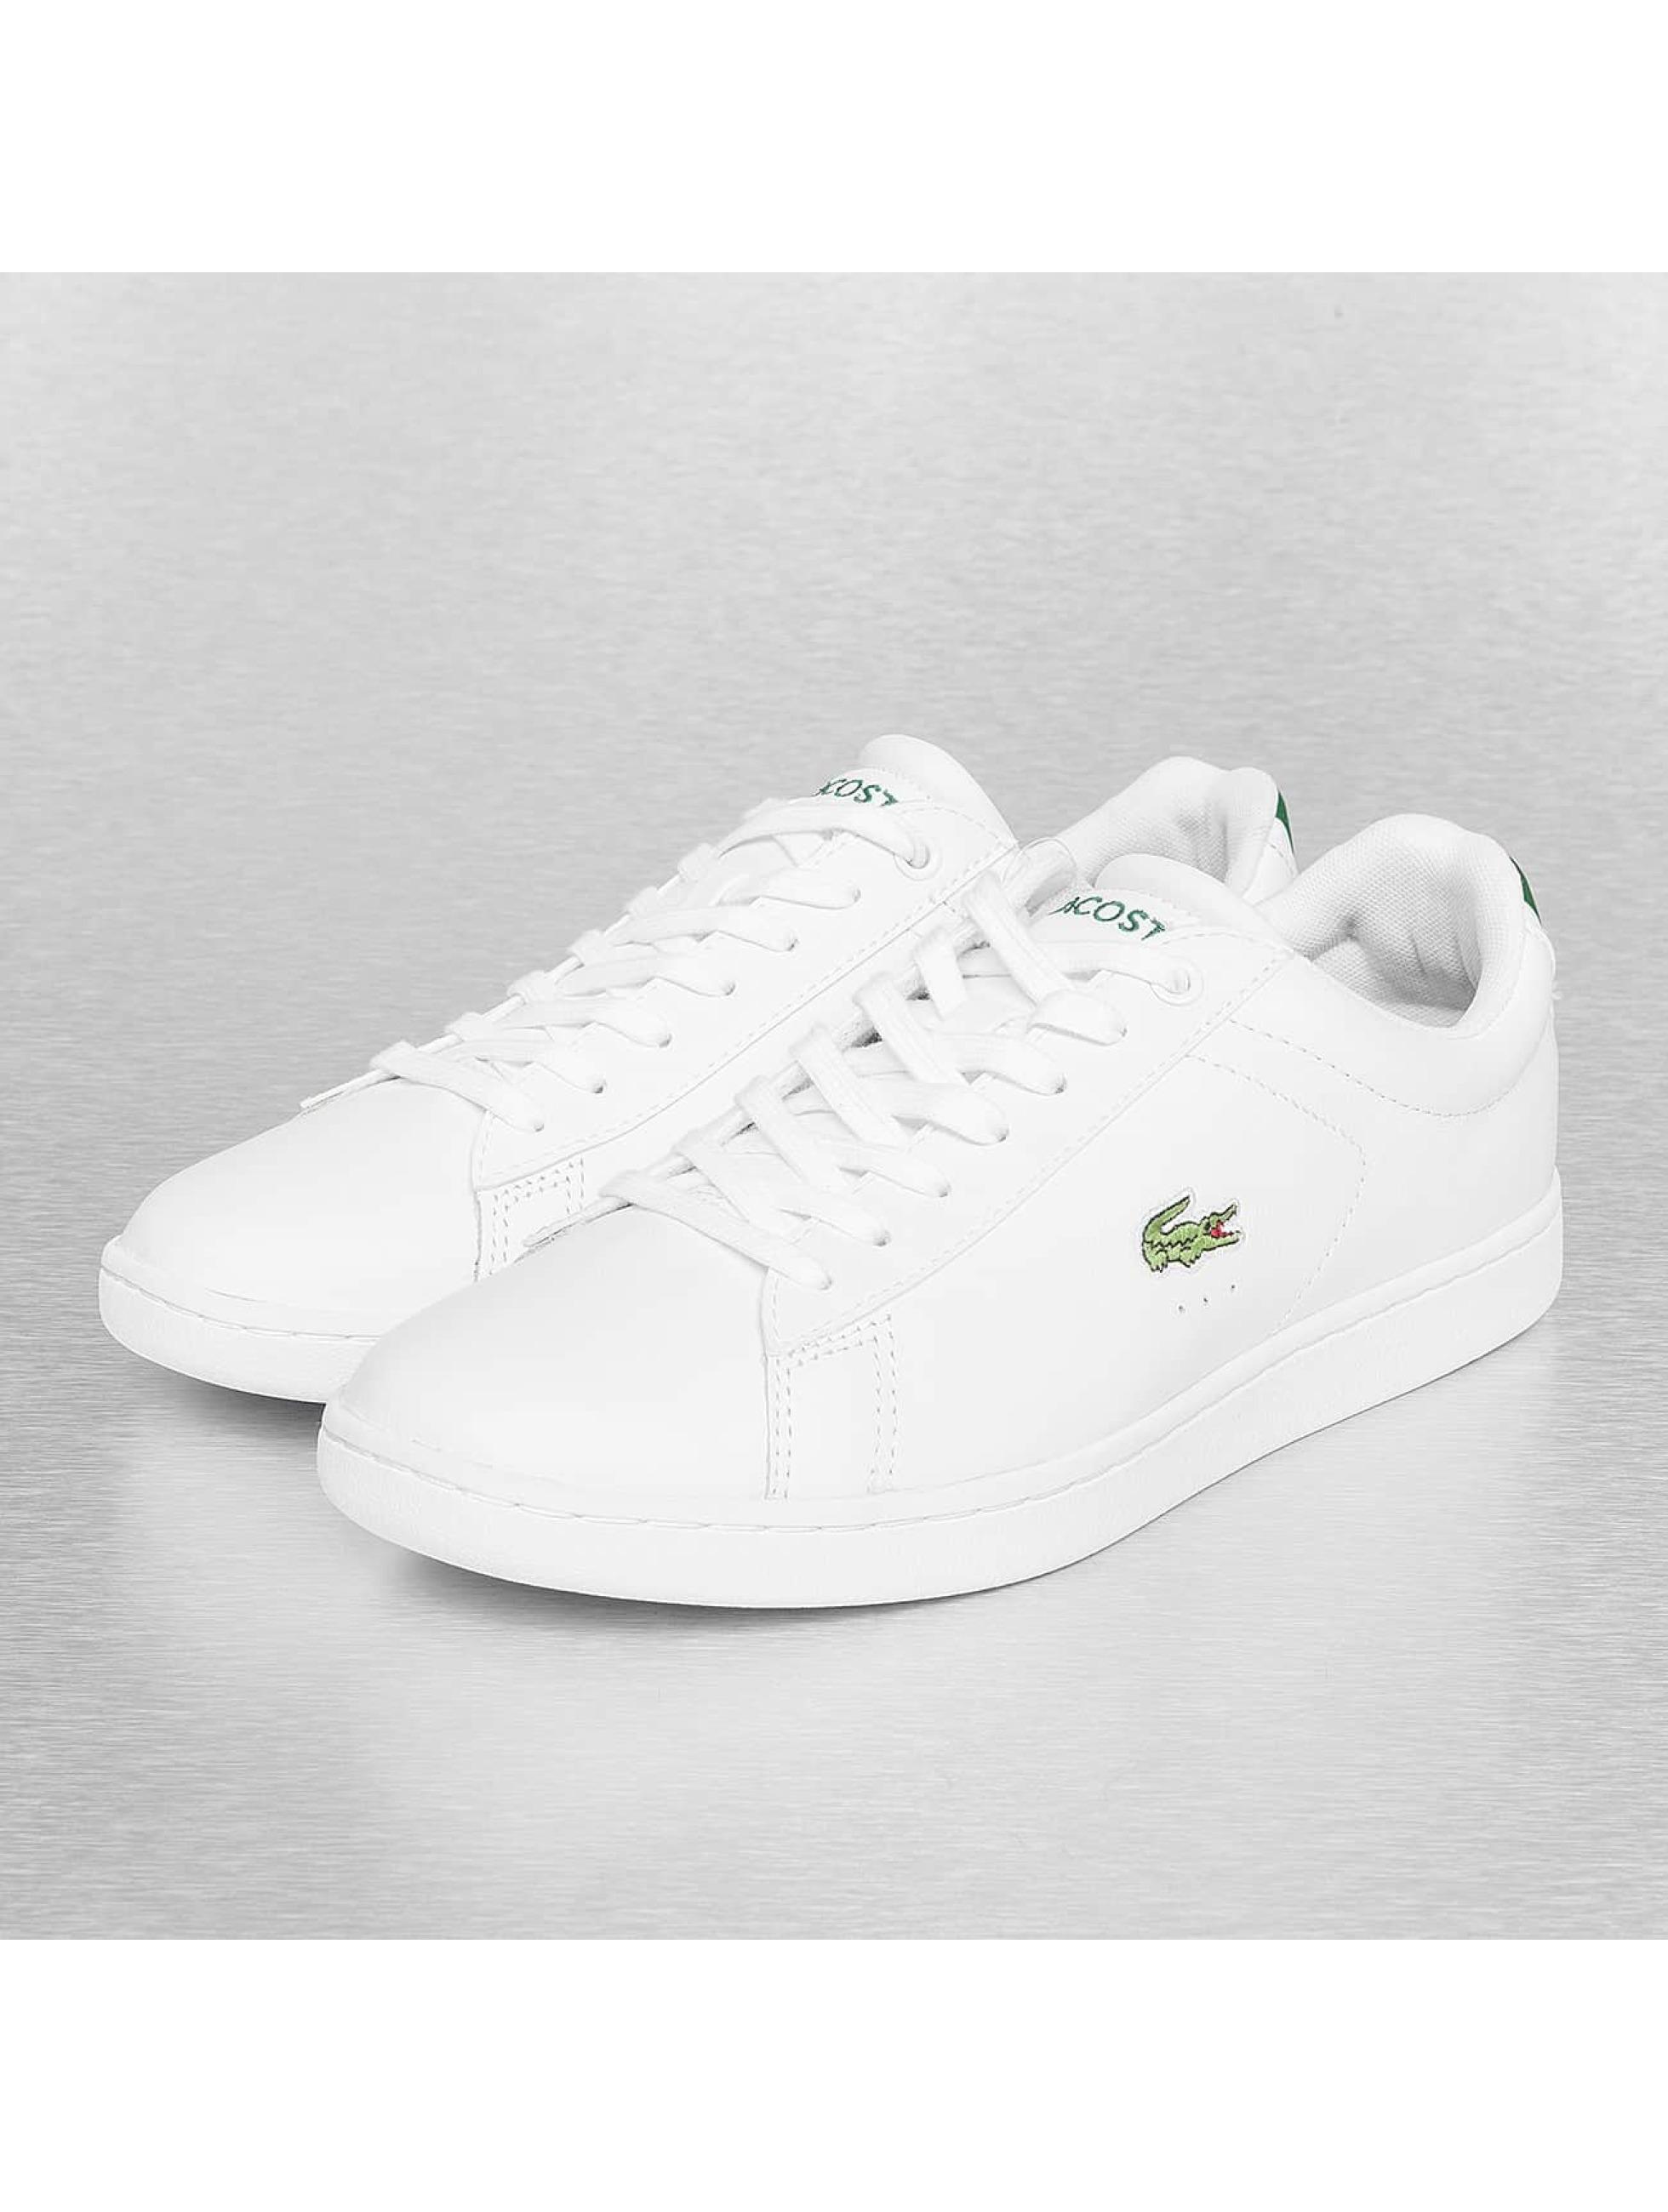 Sneaker Carnaby Evo S216 in weiß